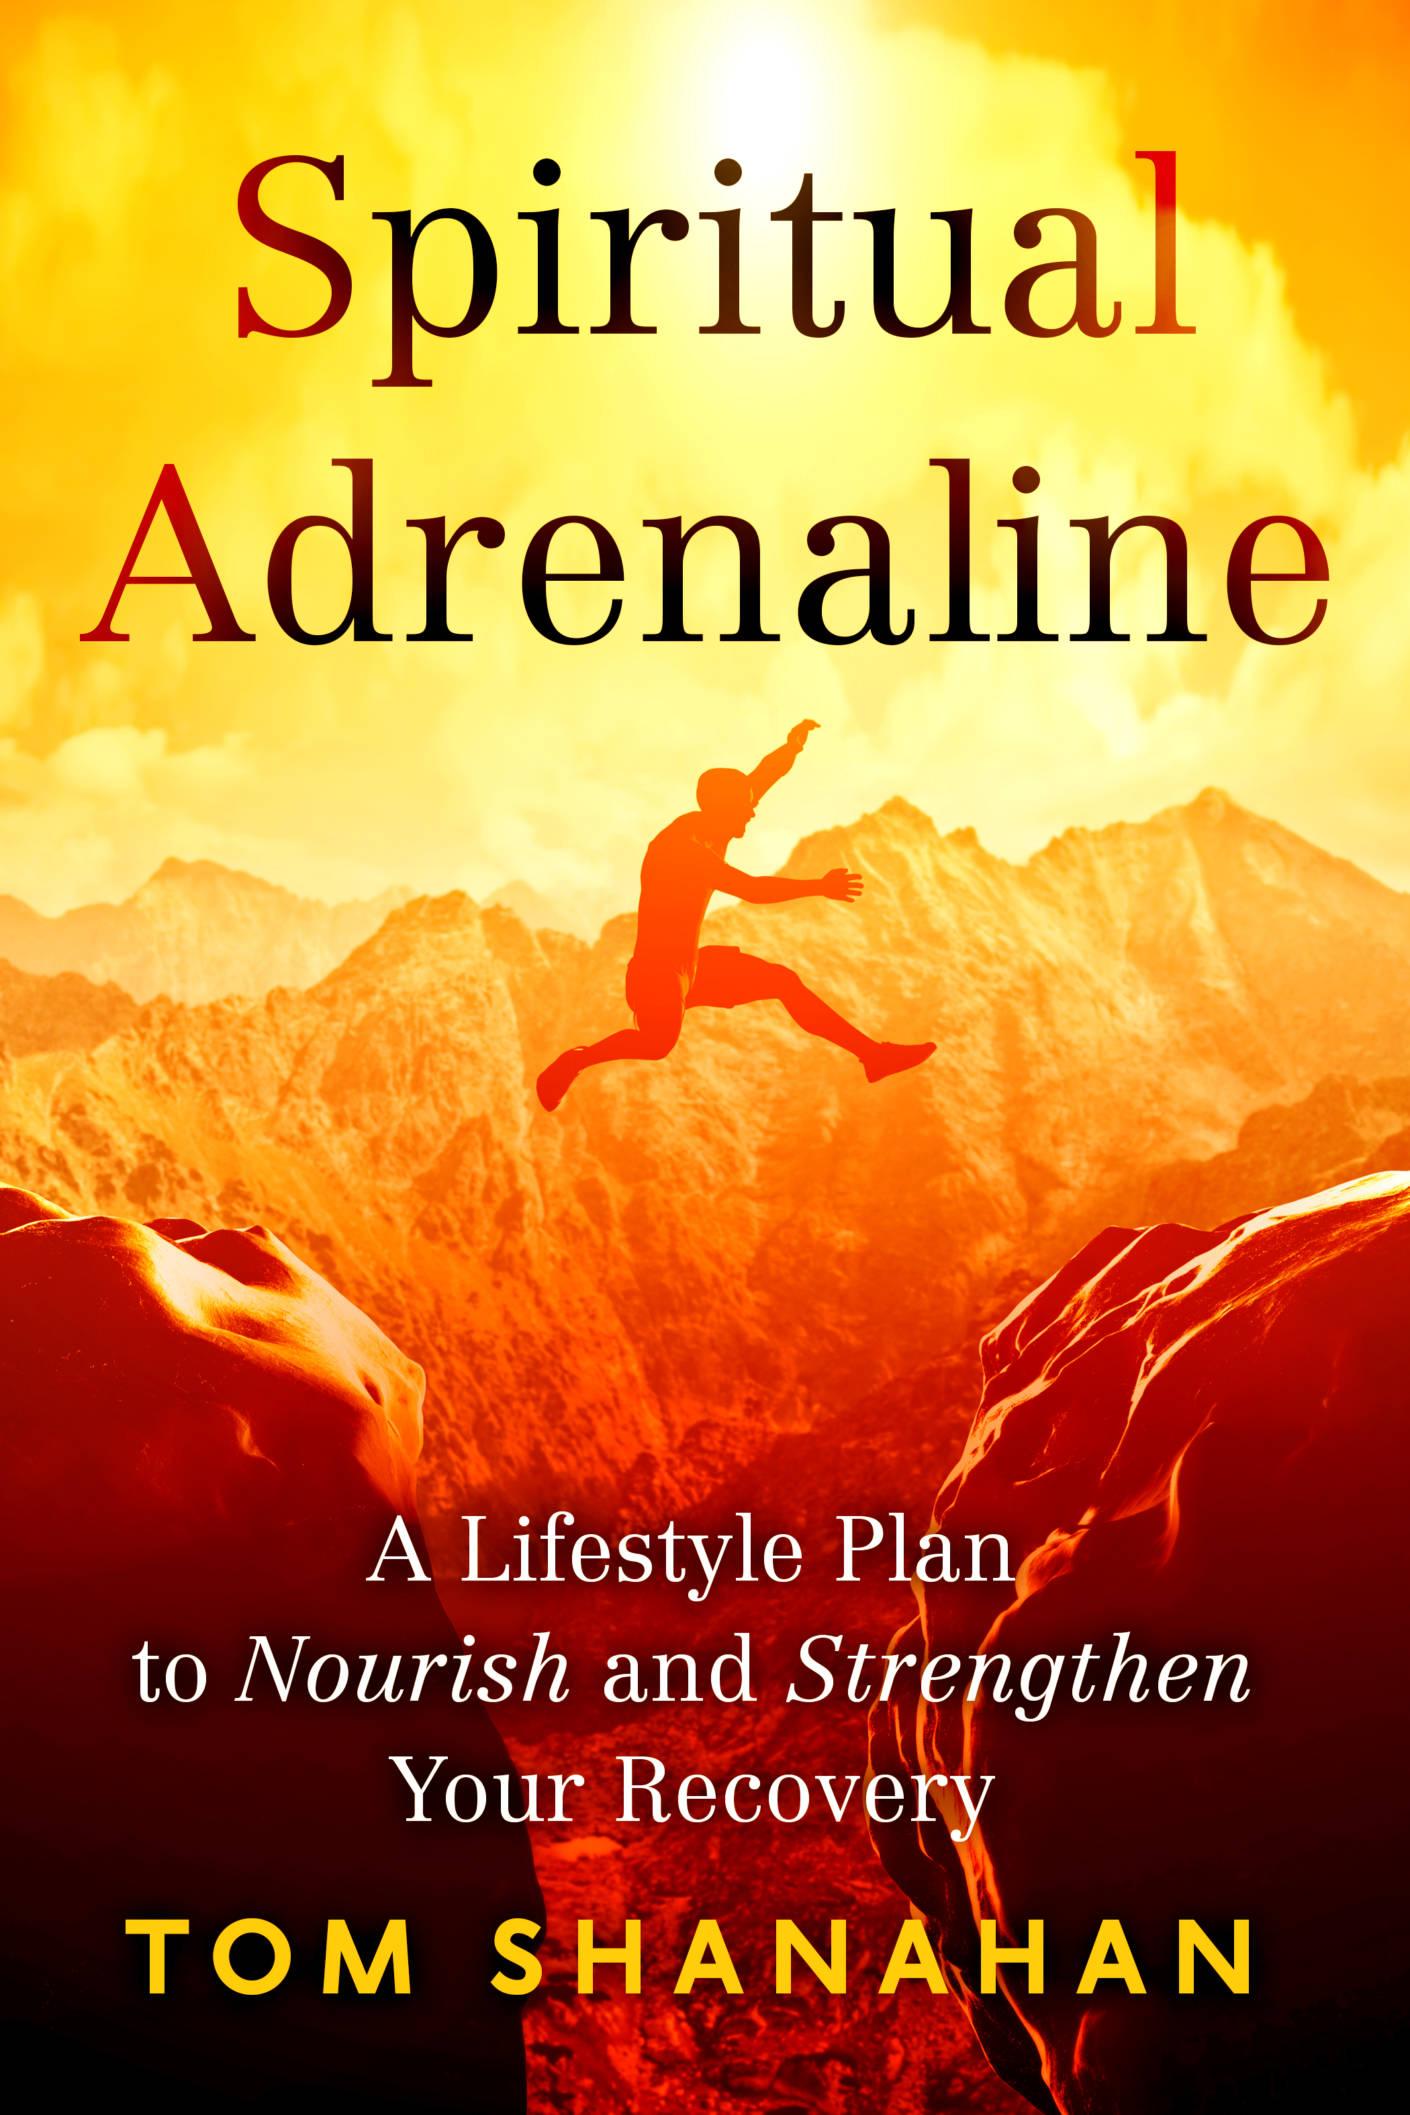 spiritualadrenaline-1.jpg